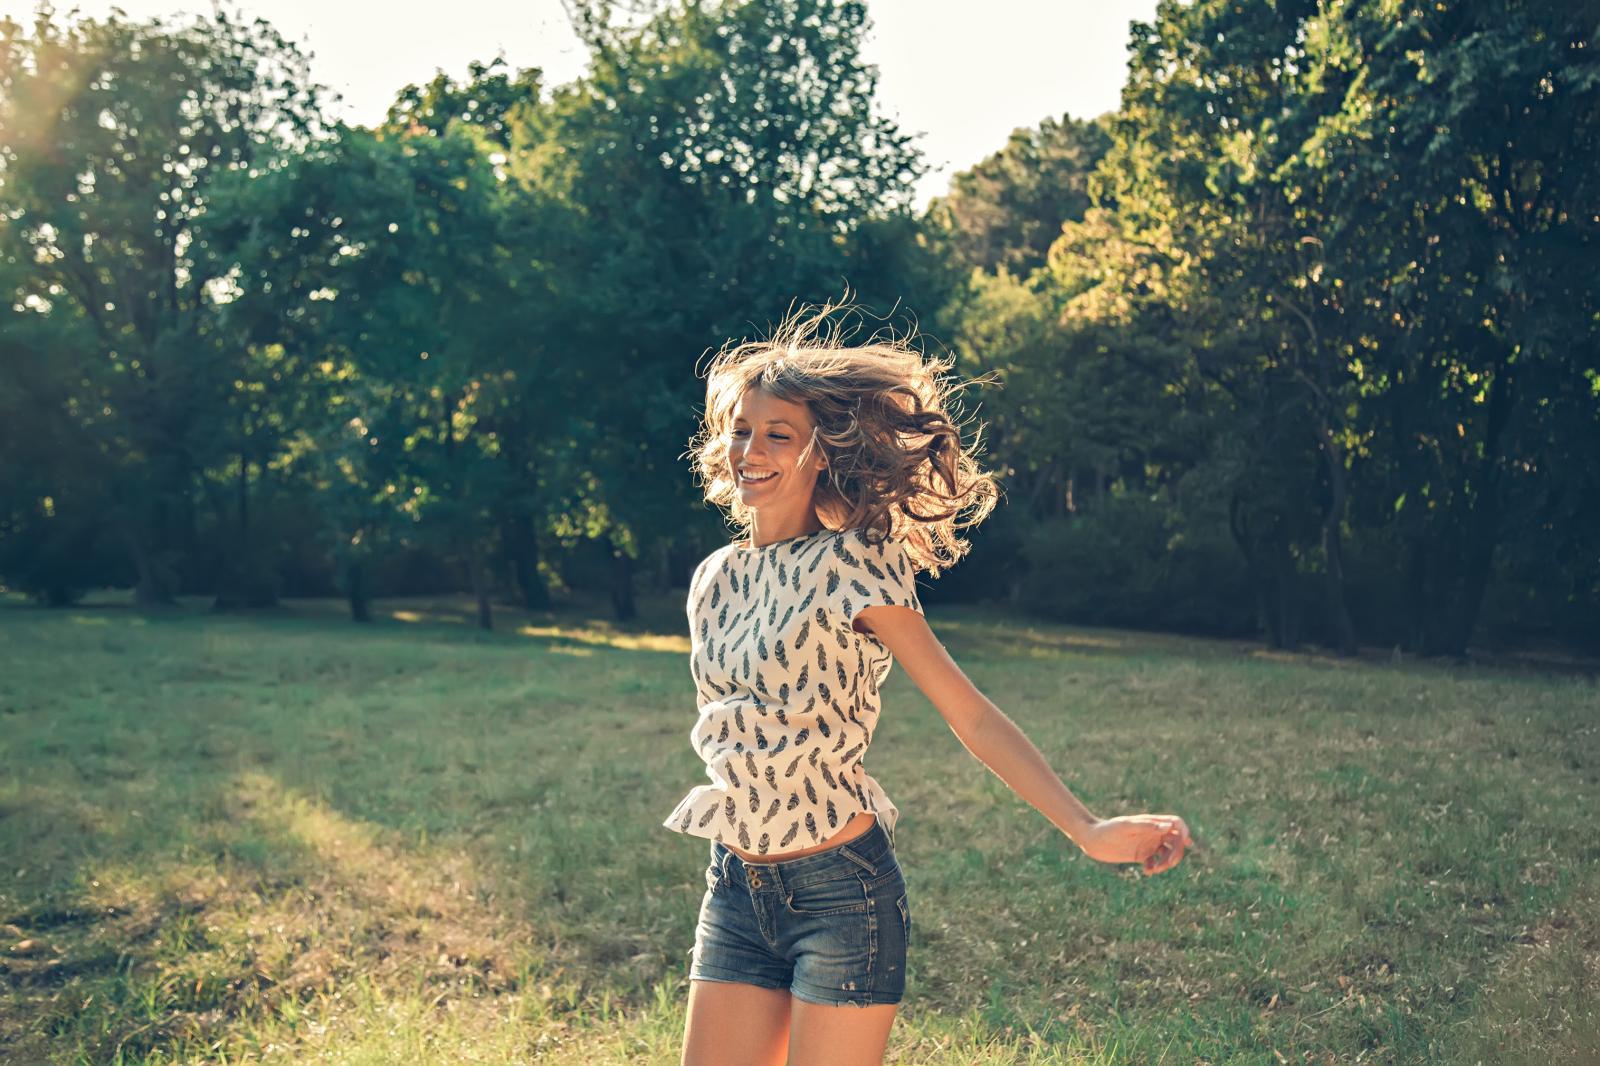 Sreća nije cilj, ona je signal da živimo dobro i u skladu s onim do čega nam je stalo.